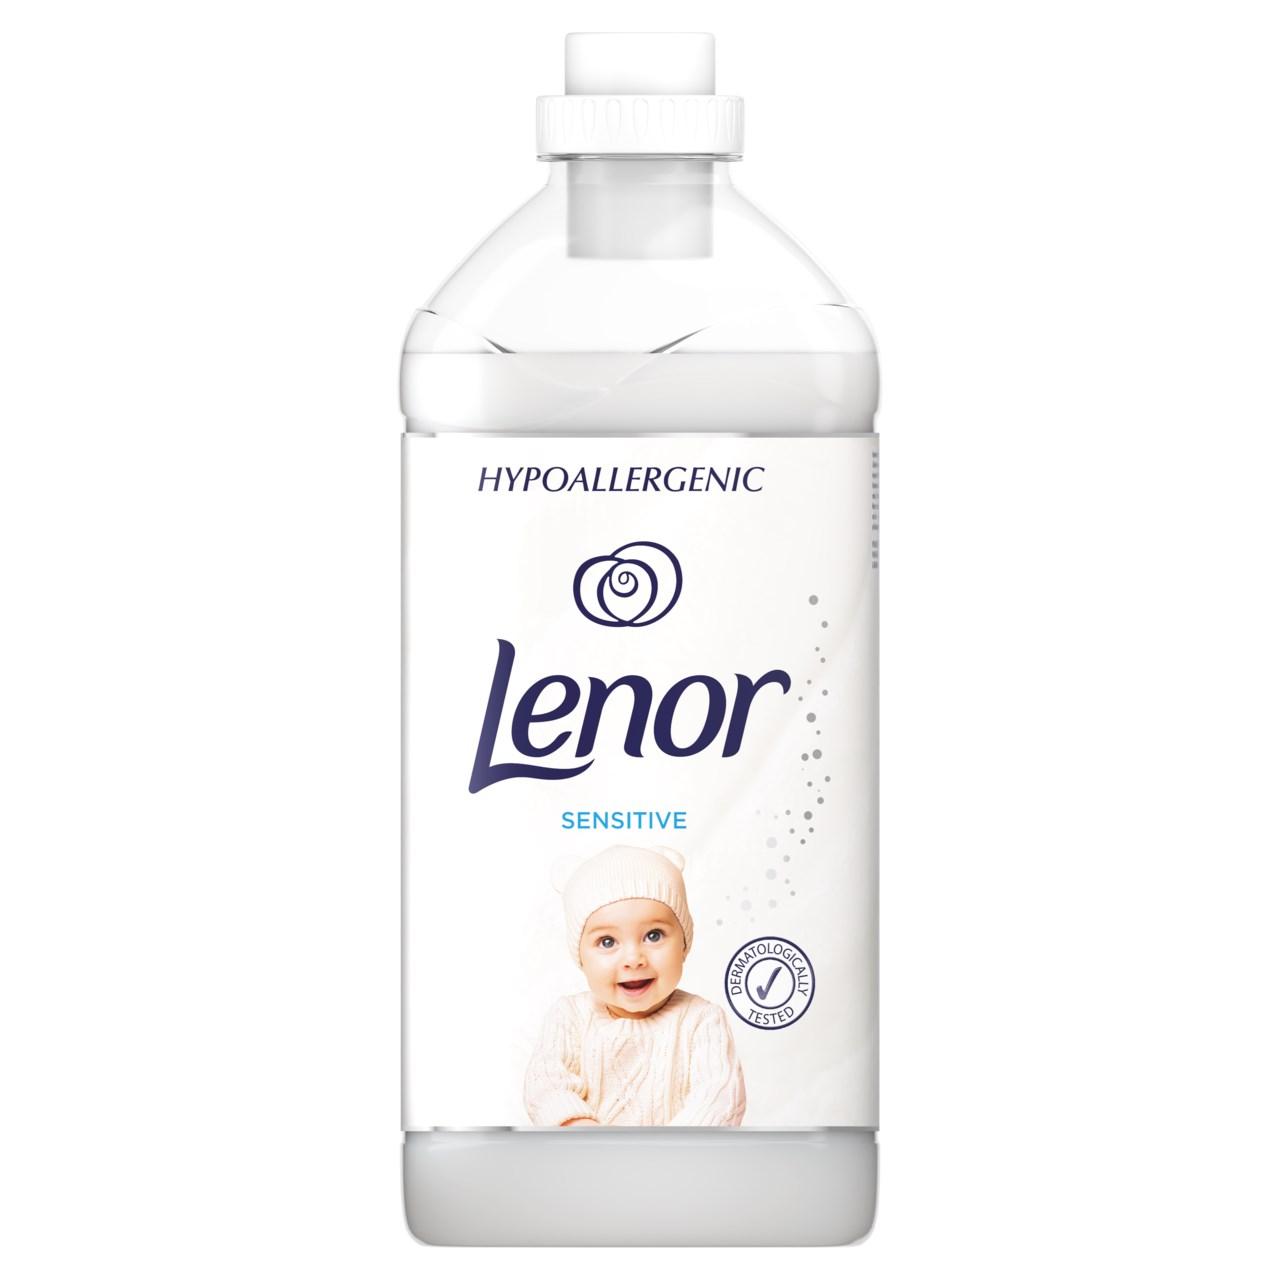 Lenor Sensitive aviváž 60 praní 1x1800 ml